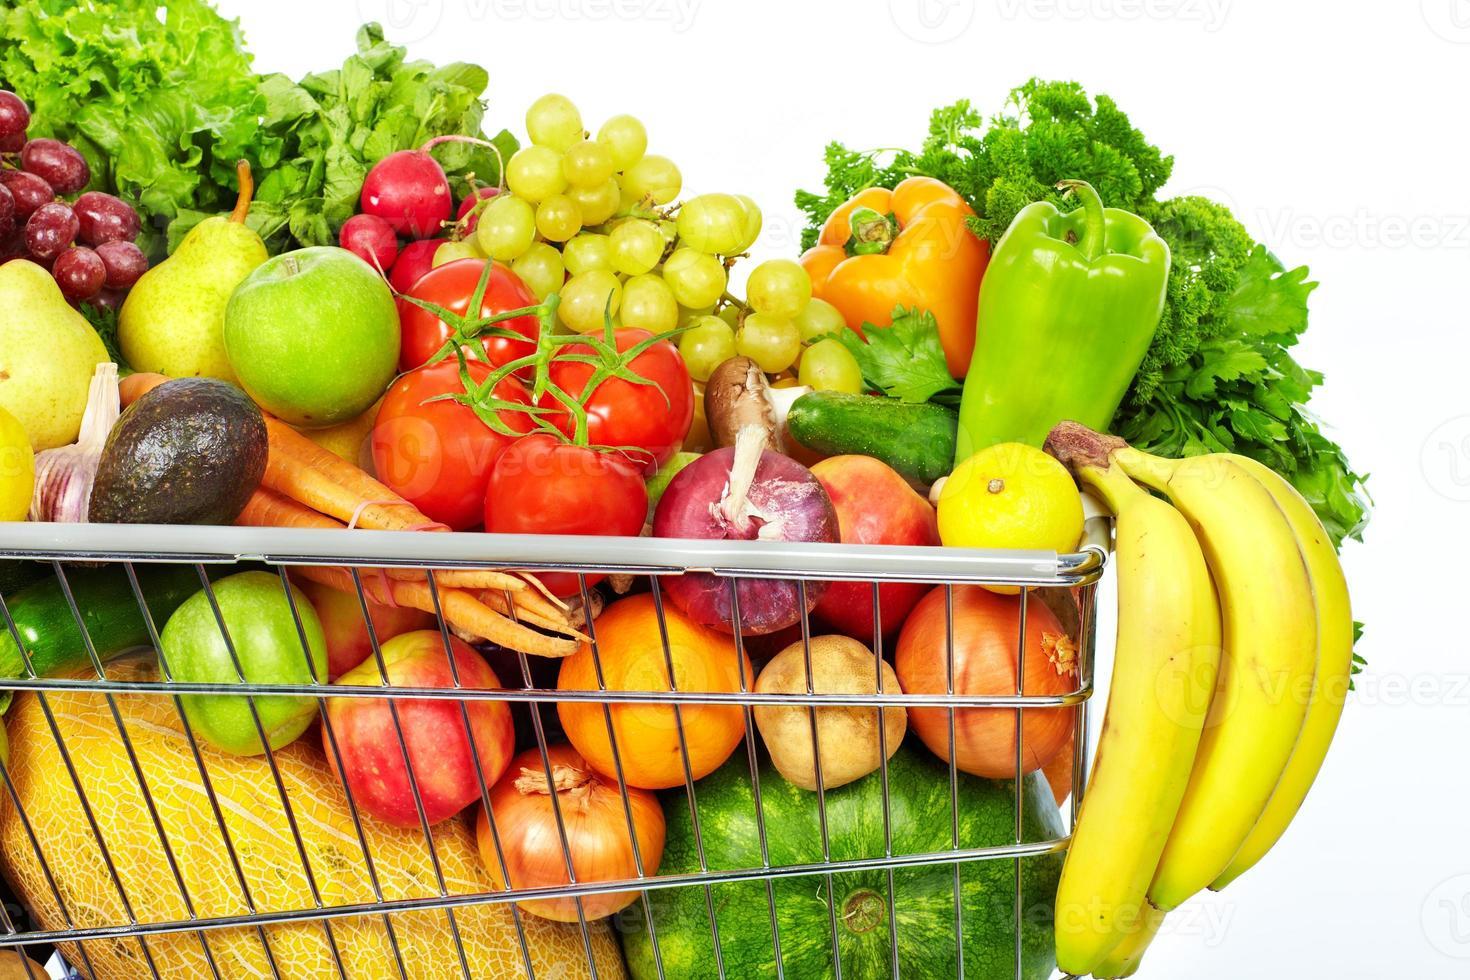 Carrinho De Compras Com Legumes E Frutas Foto De Banco De Imagens